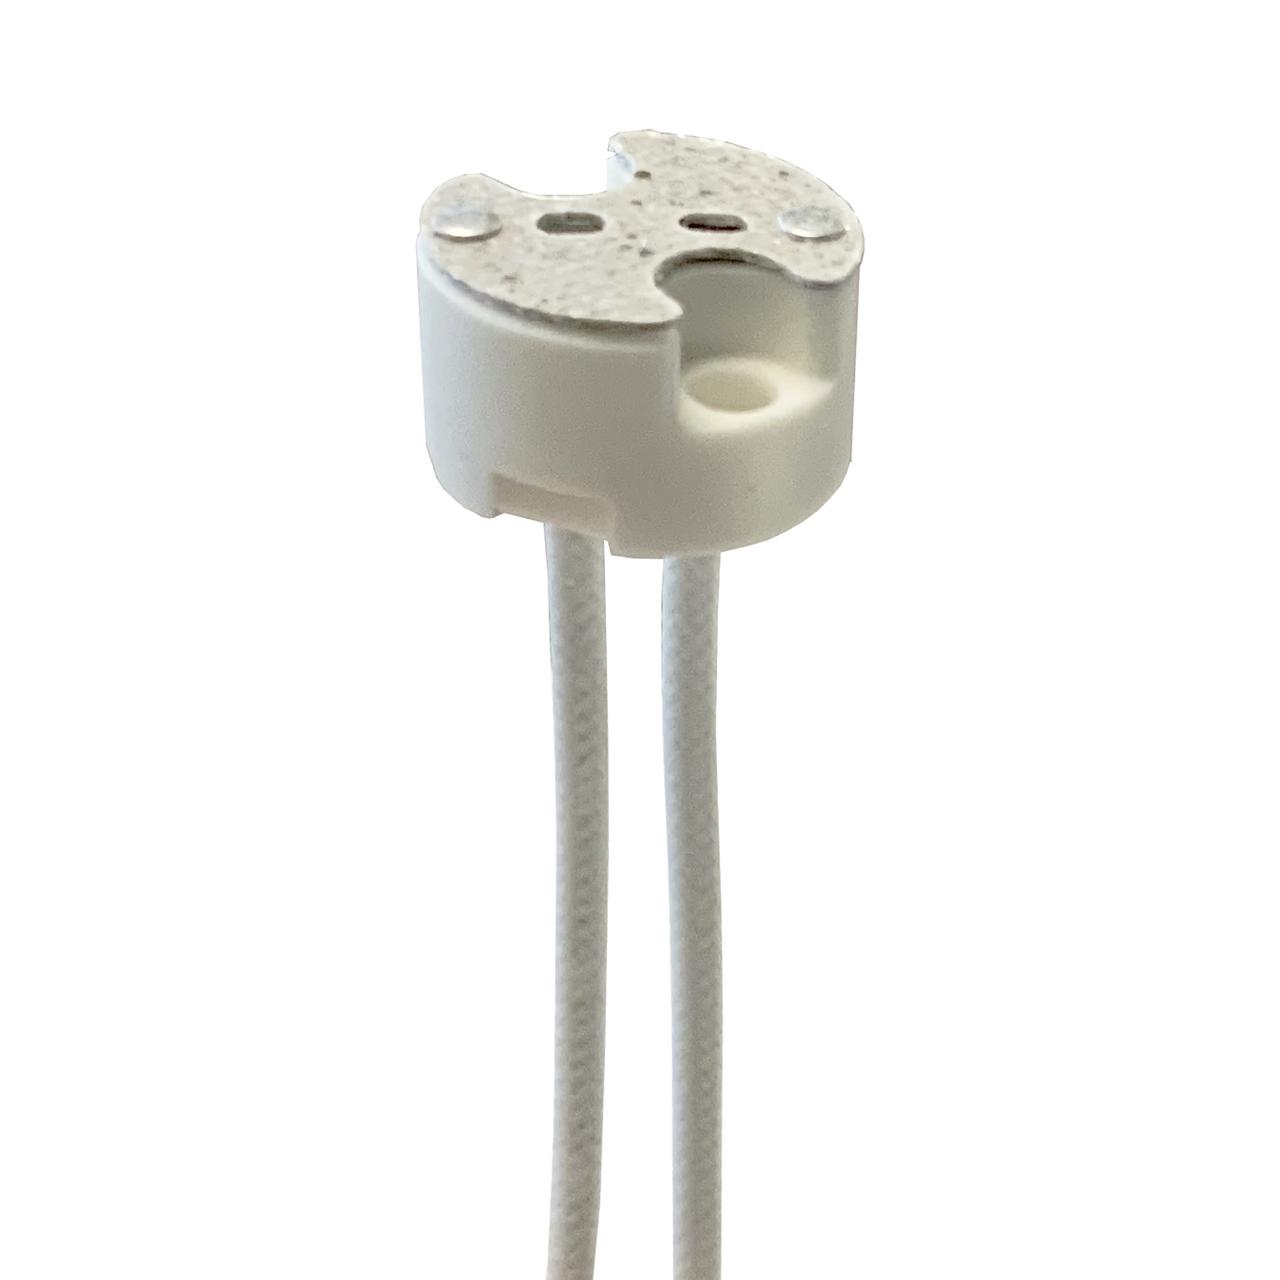 Porcelain Halogen Socket - Mini Bi Pin